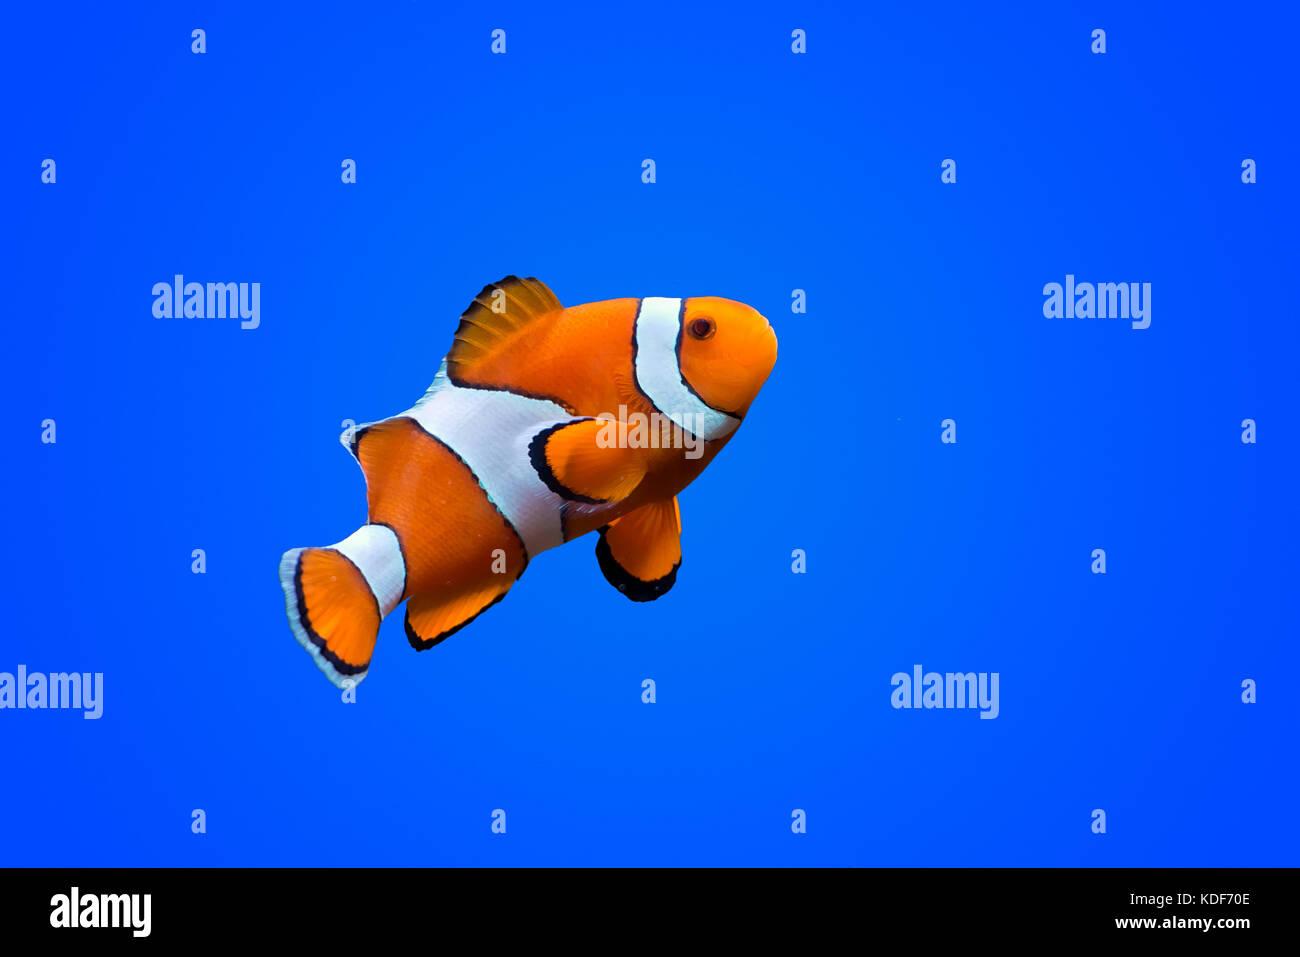 Poisson clown amphiprioninae sur fond de couleur bleu profond de la mer Photo Stock